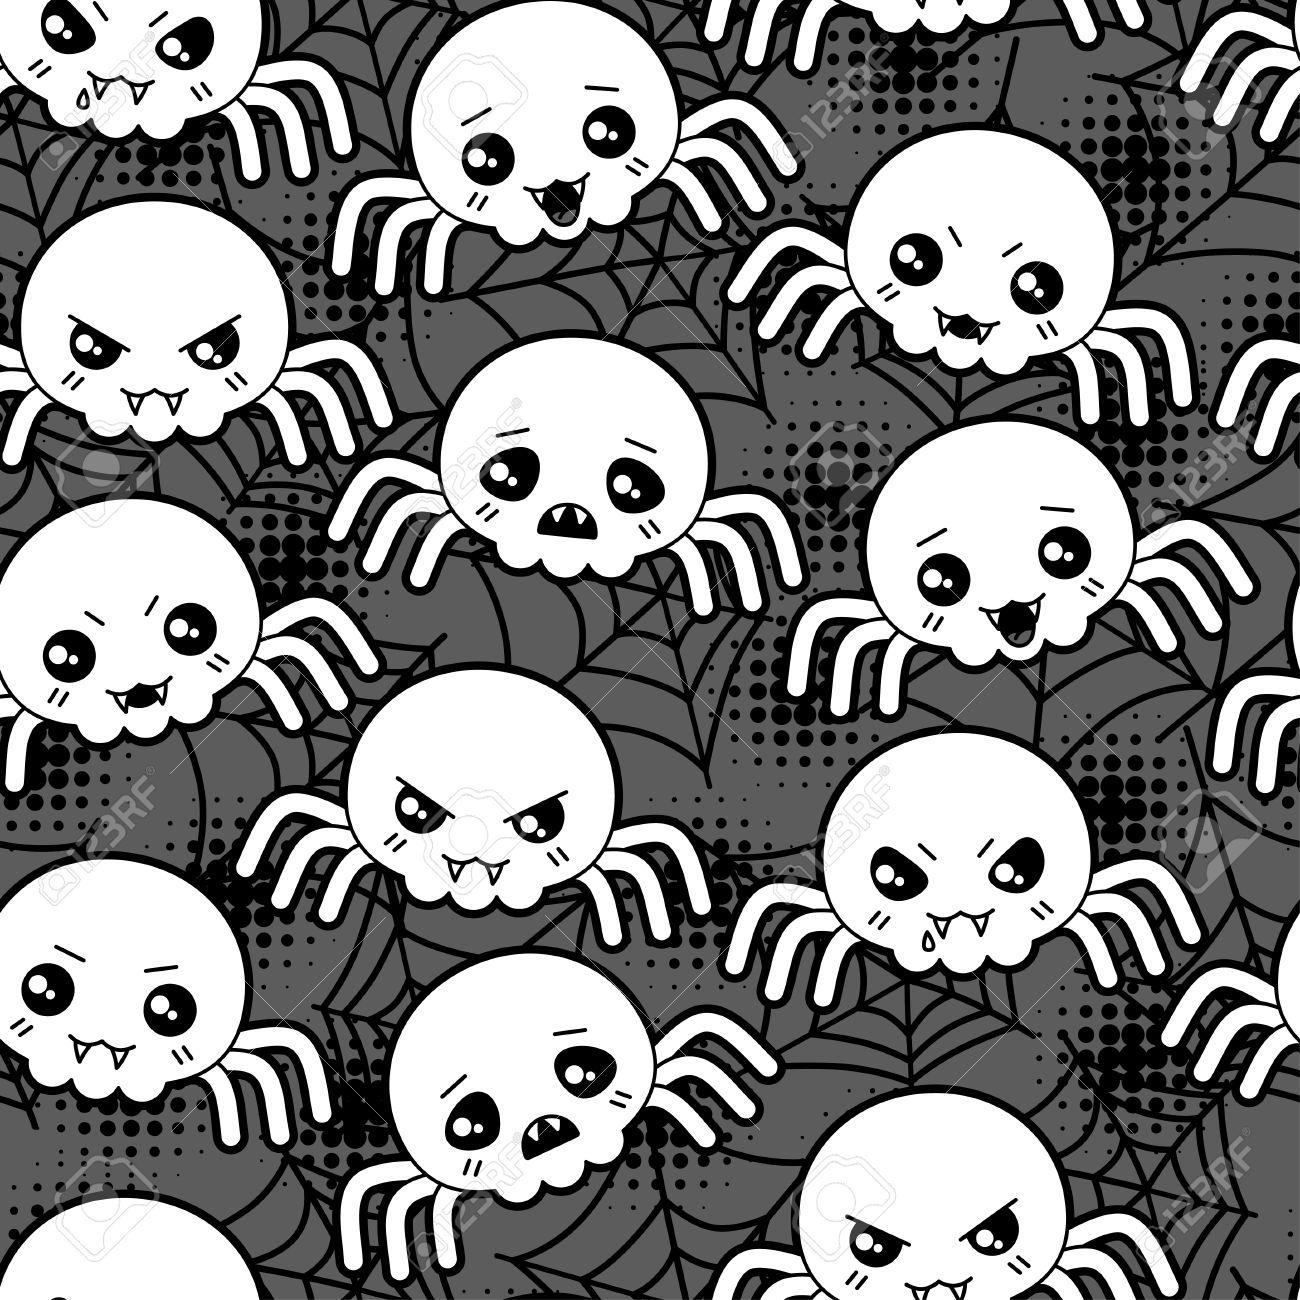 Modele De Dessin Anime Seamless Halloween Kawaii Avec Les Araignees Mignon Clip Art Libres De Droits Vecteurs Et Illustration Image 30641480